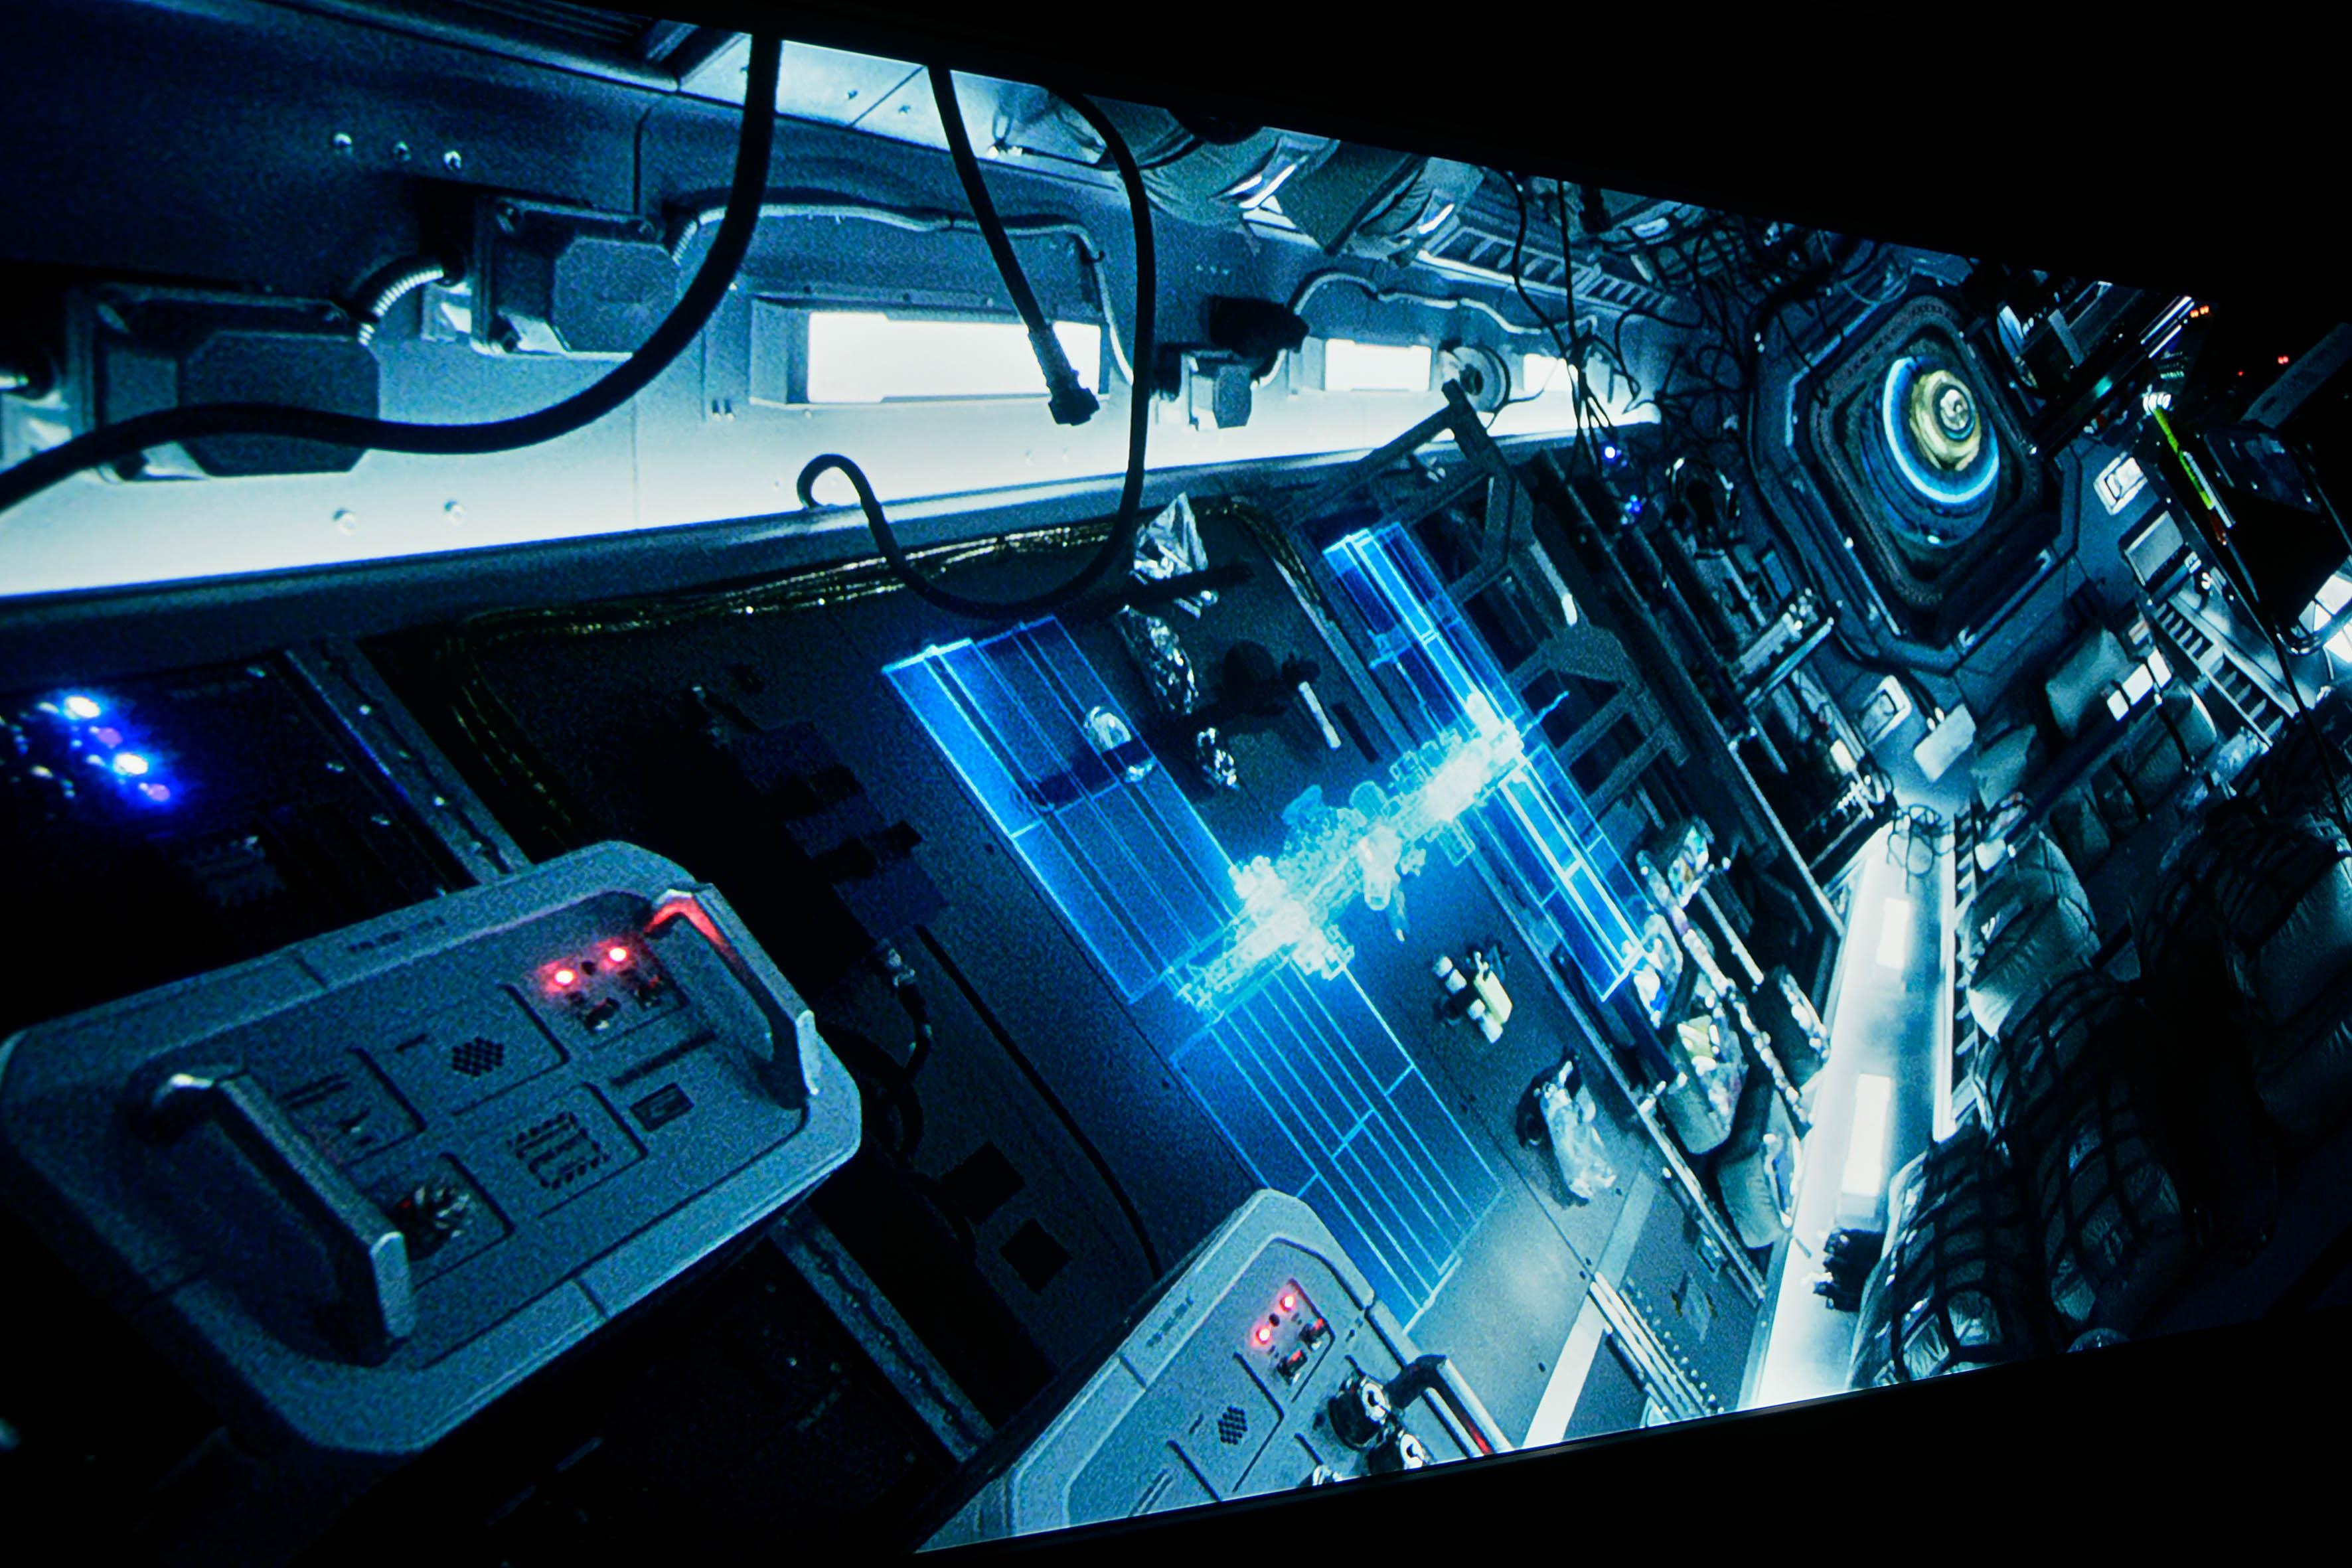 JVC DLA-X7900 mit HDR Optimierer EIN Der Schwenk durch die Weltraumstation ISS in LIFE sieht großartig aus. Die Balance aus sattem Schwarz, das vorzüglich durchgezeichnet ist, und kräftigen Farben ist überaus gelungen.